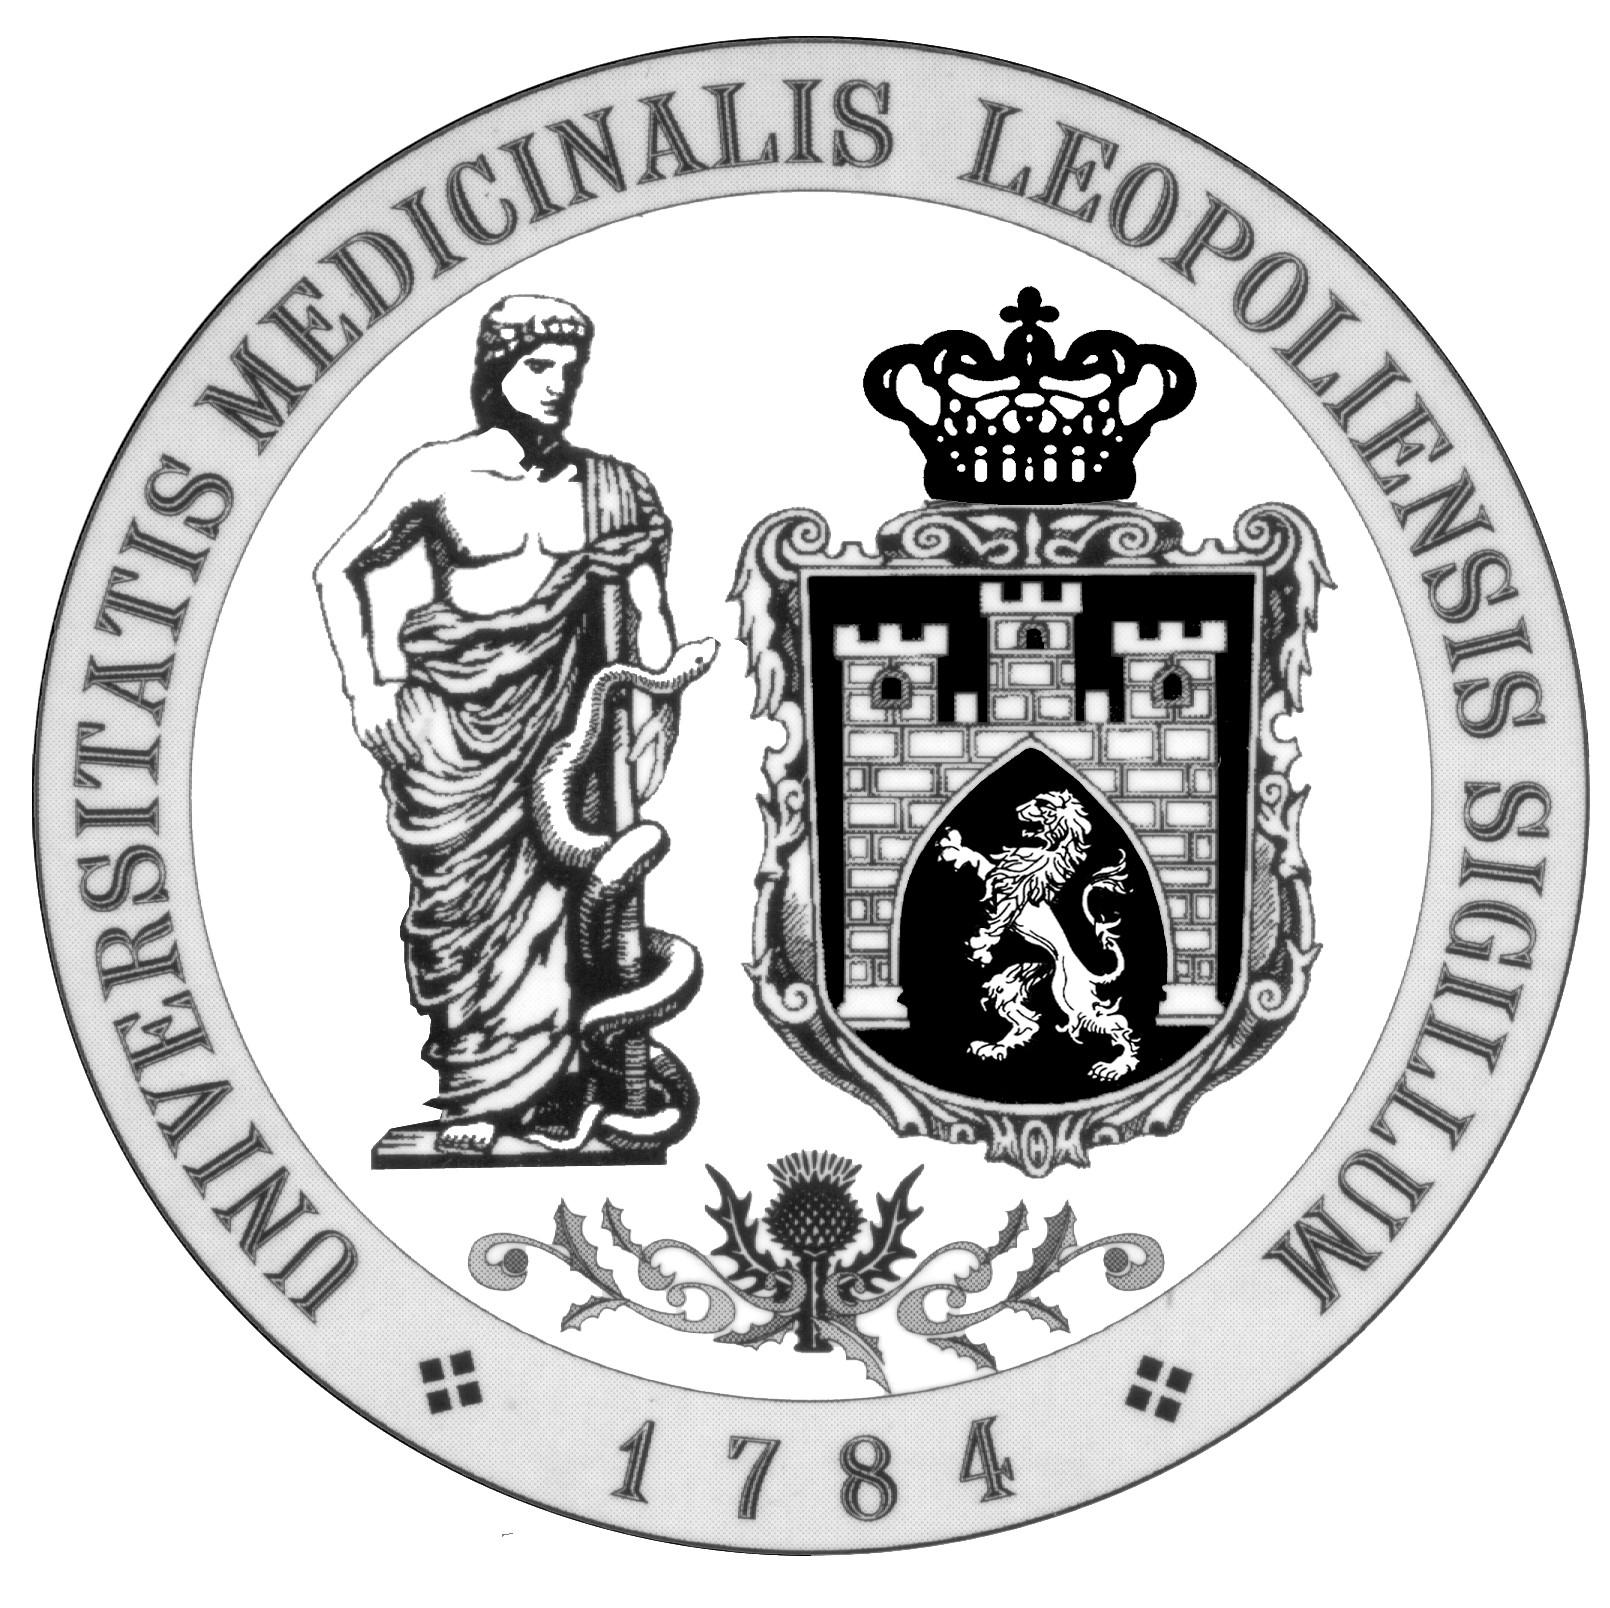 Львівський національний медичний університет імені Данила Галицького